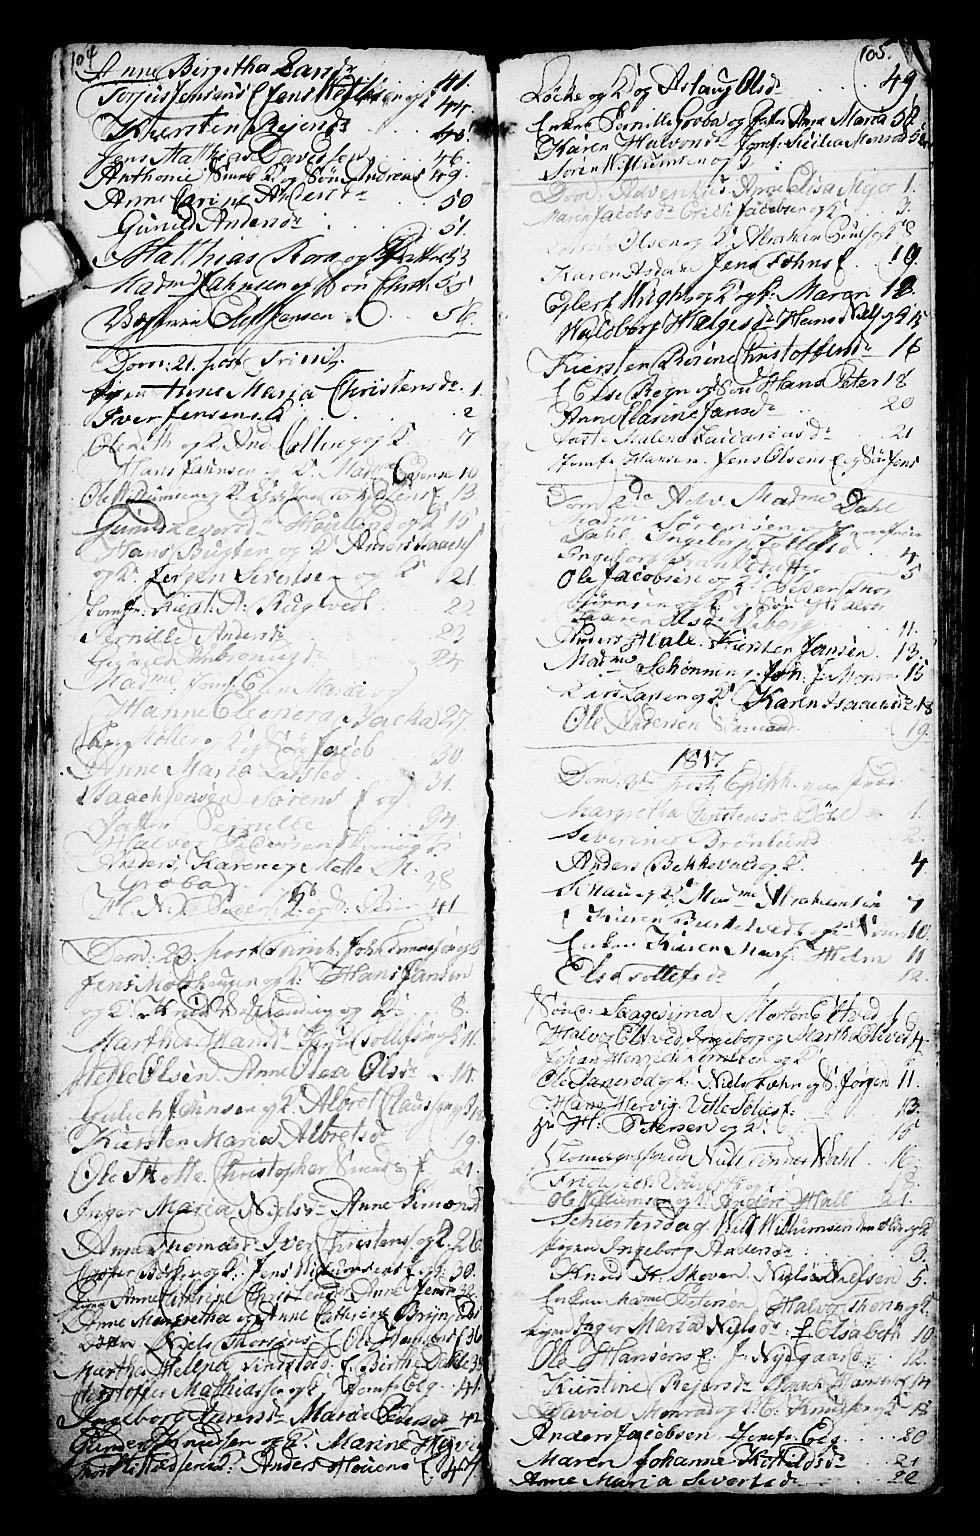 SAKO, Porsgrunn kirkebøker , G/Ga/L0001: Klokkerbok nr. I 1, 1766-1790, s. 104-105